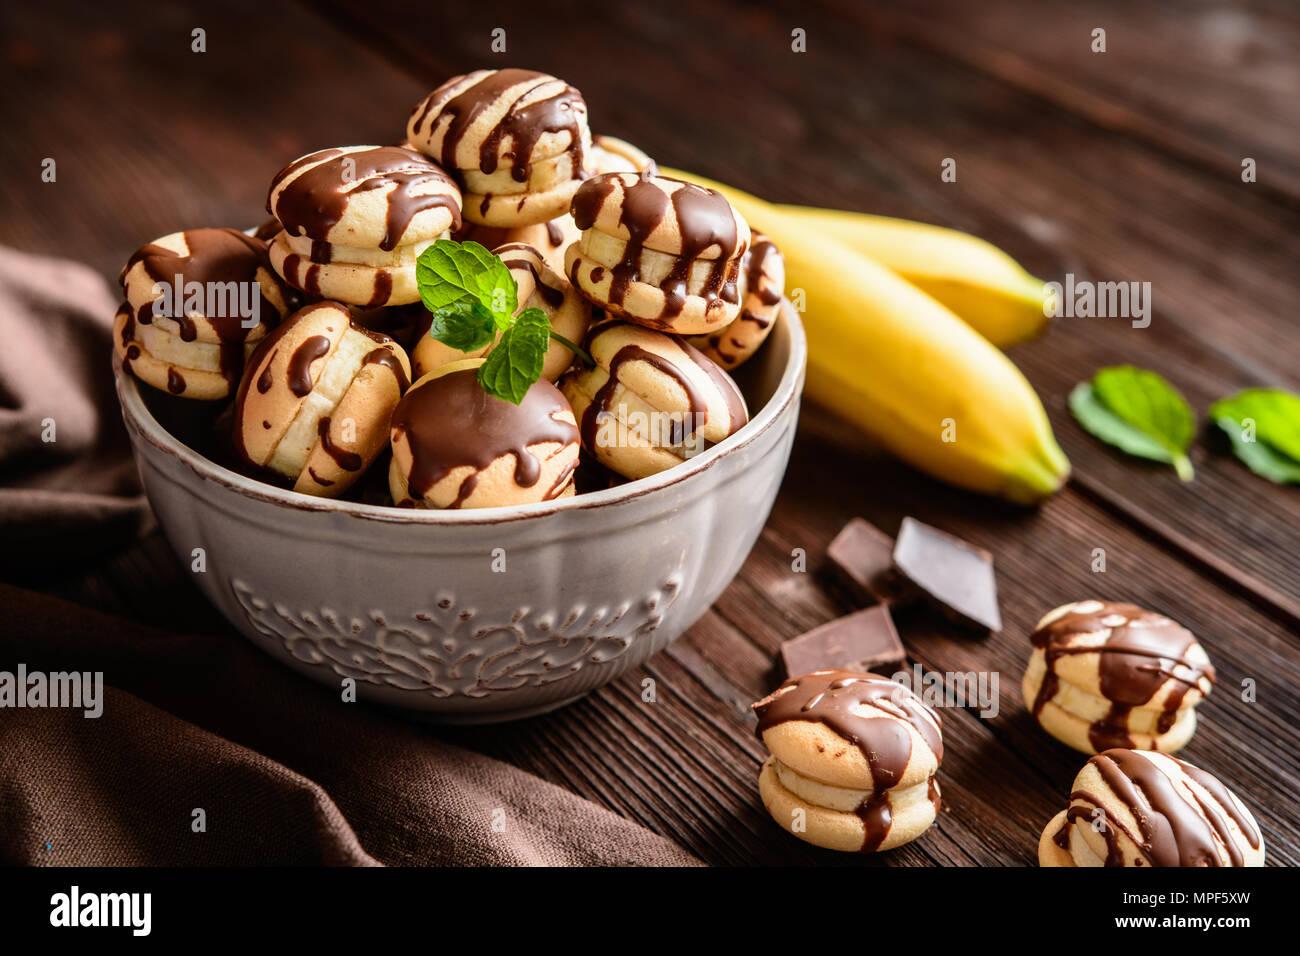 Runde schwamm Kekse, gefüllt mit Bananenscheiben und mit Schokolade aufgefüllt Stockbild